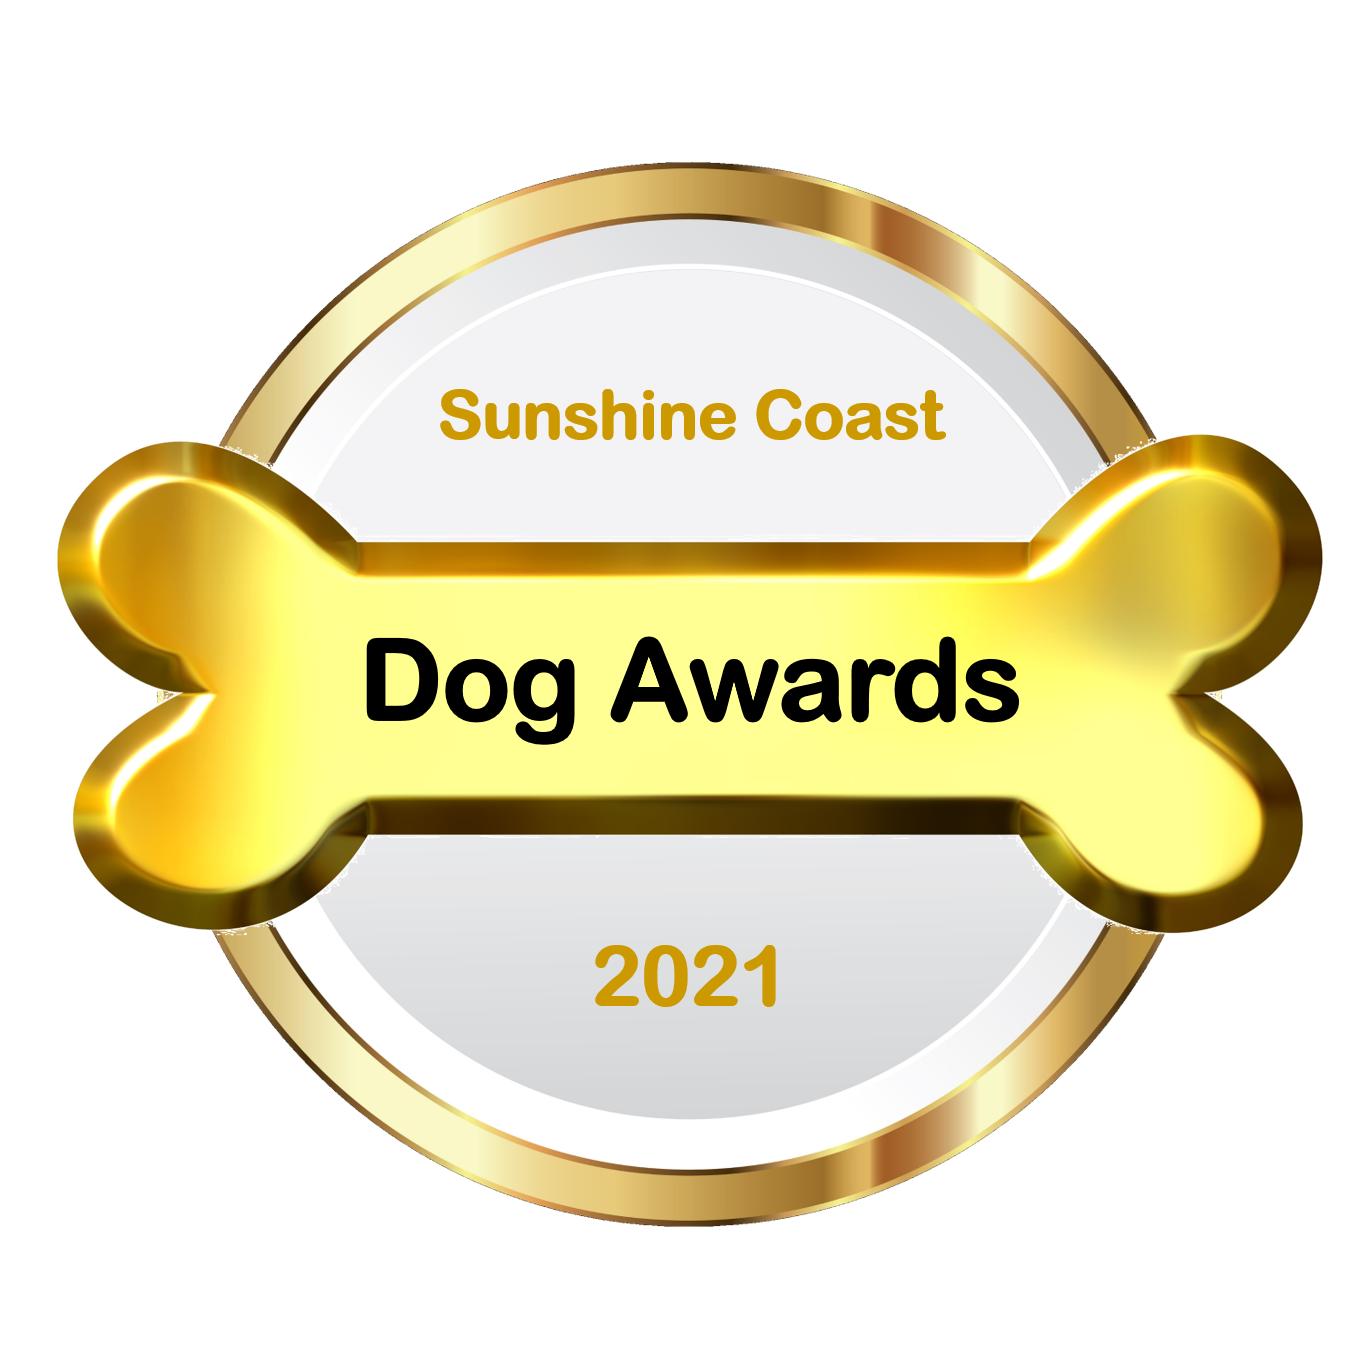 Sunshine Coast Dog Awards 2021 - Enter Your Dog In The 2021 Sunshine Coast Dog Awards